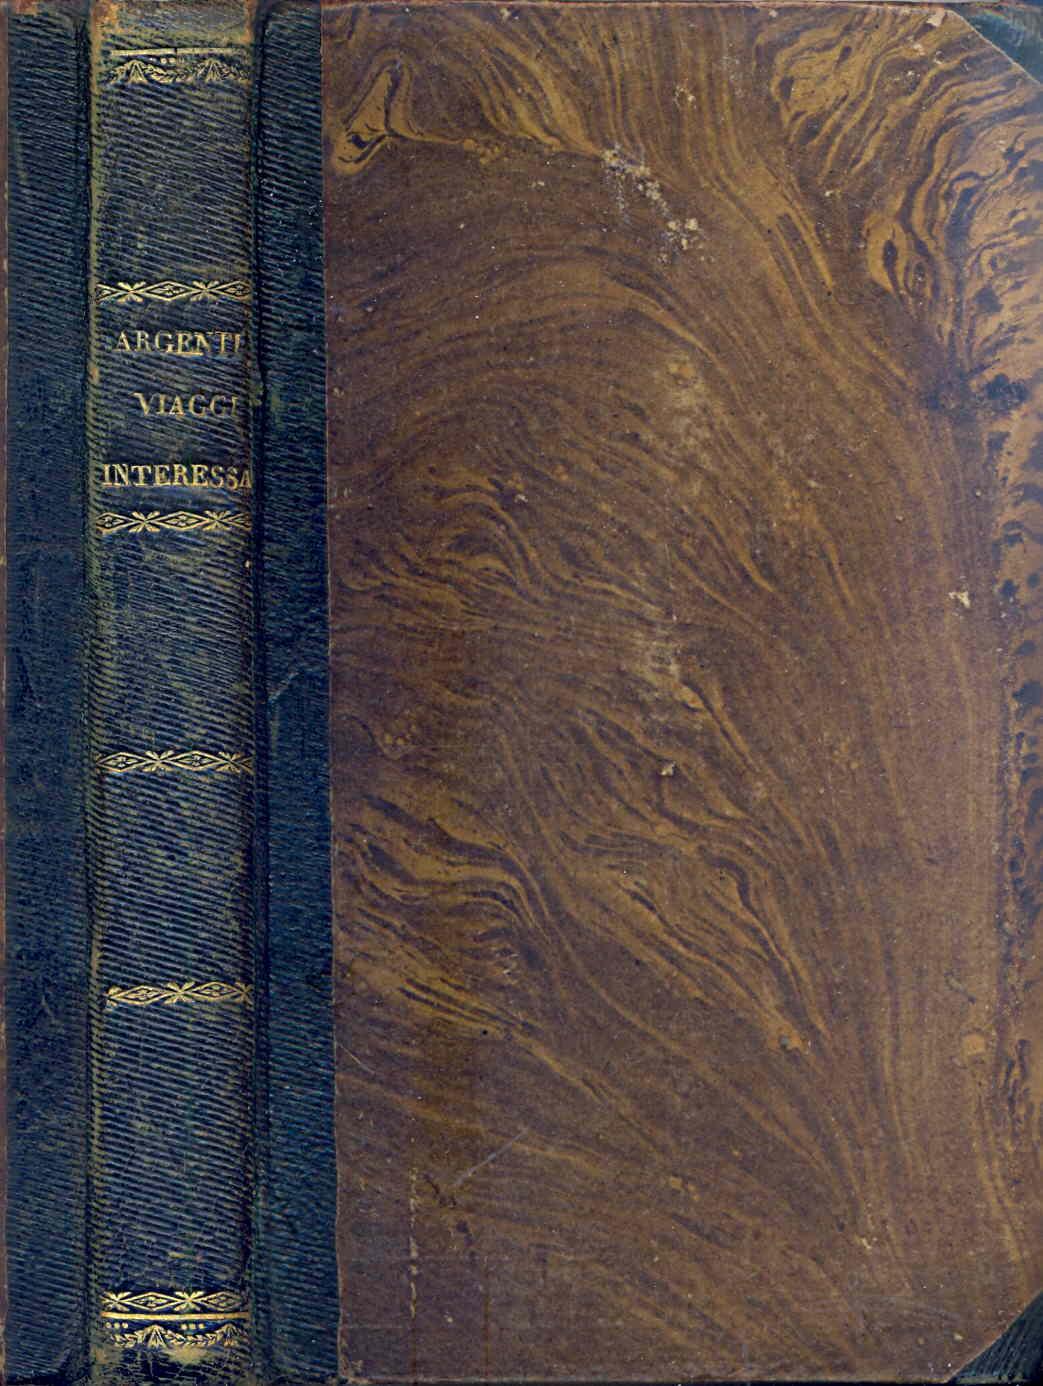 Sammlung anziehender Reisebeschreibungen, umgearbeitet von Aloys F.A. Argenti